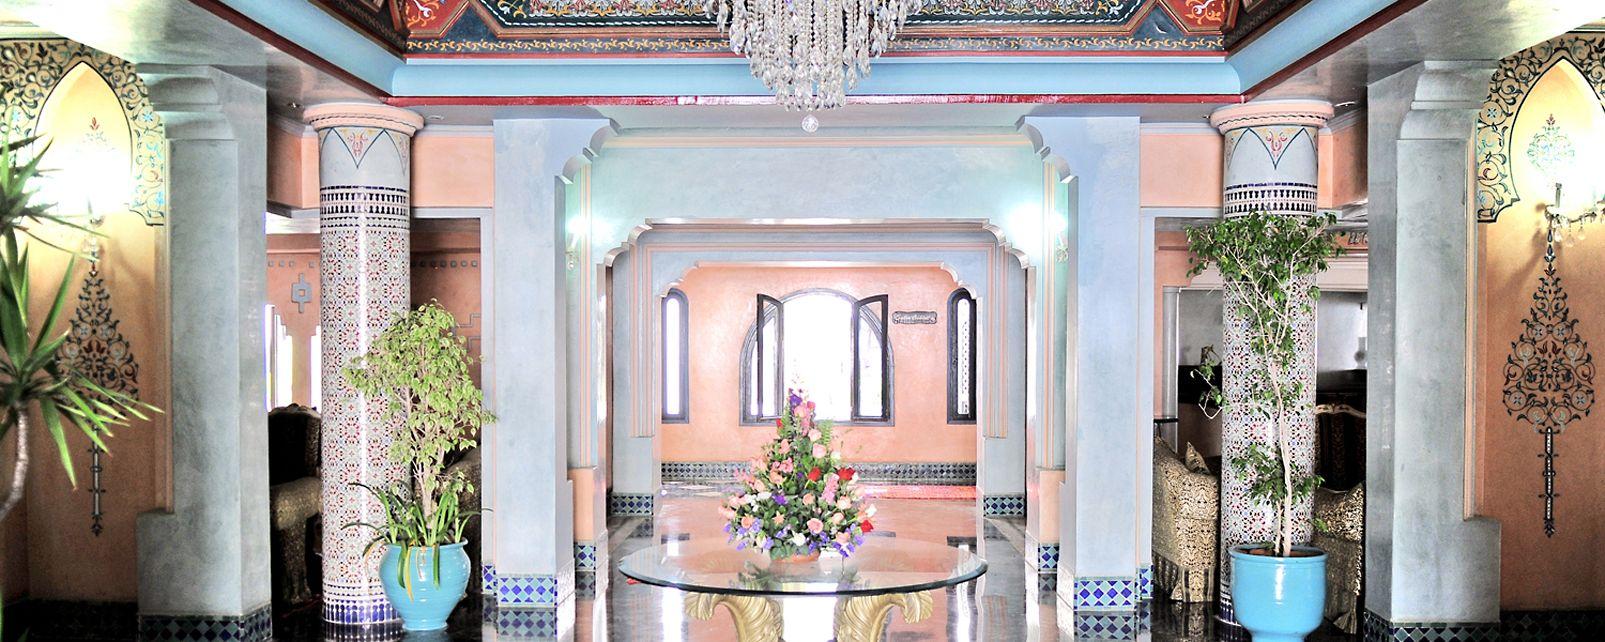 Hotel Al Madina Palace